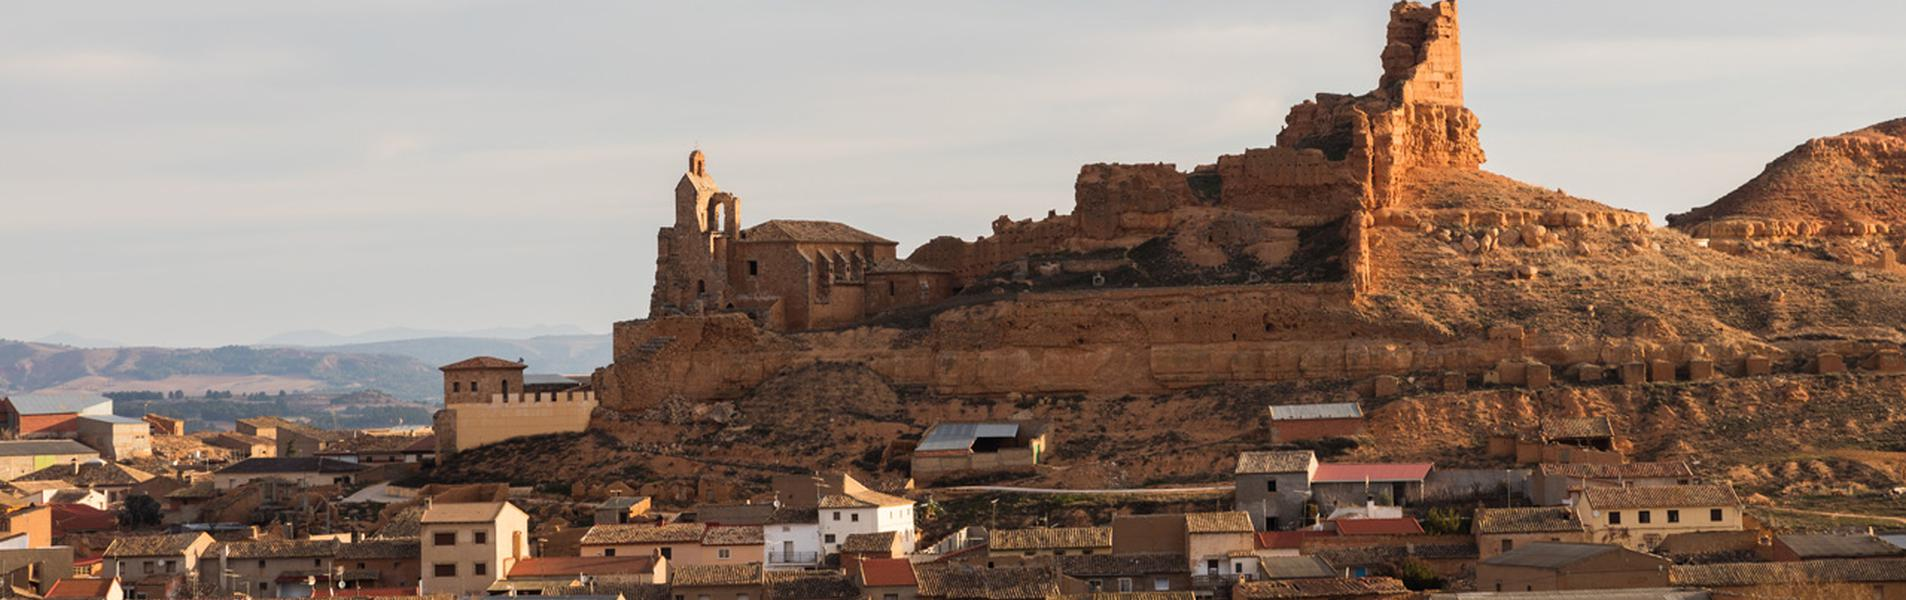 Monreal de Ariza